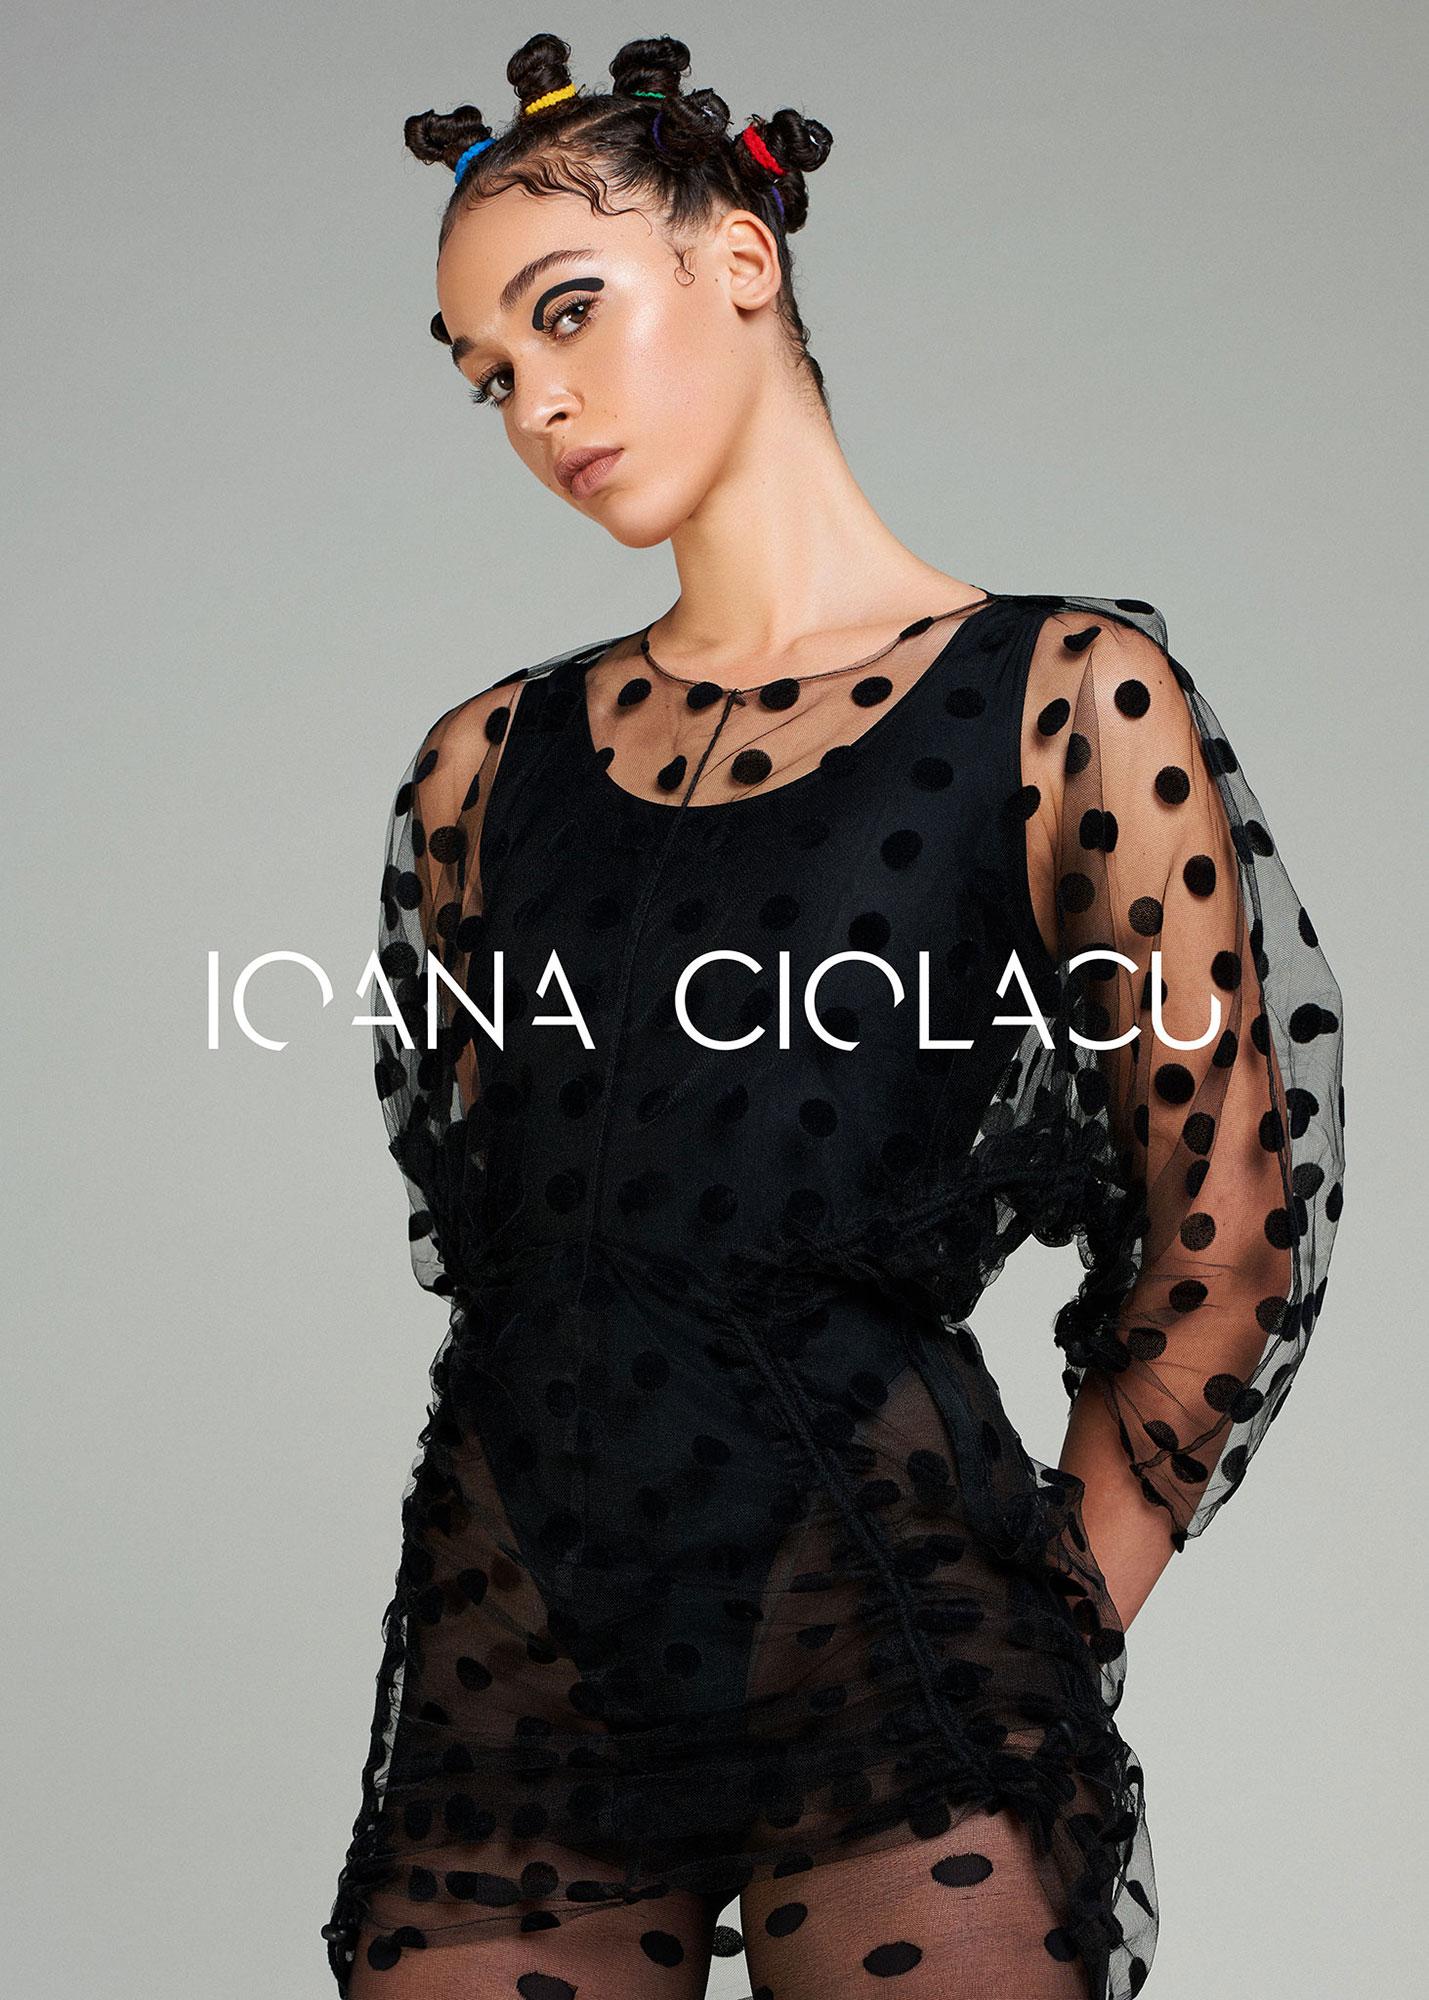 IoanaCiolacu_10